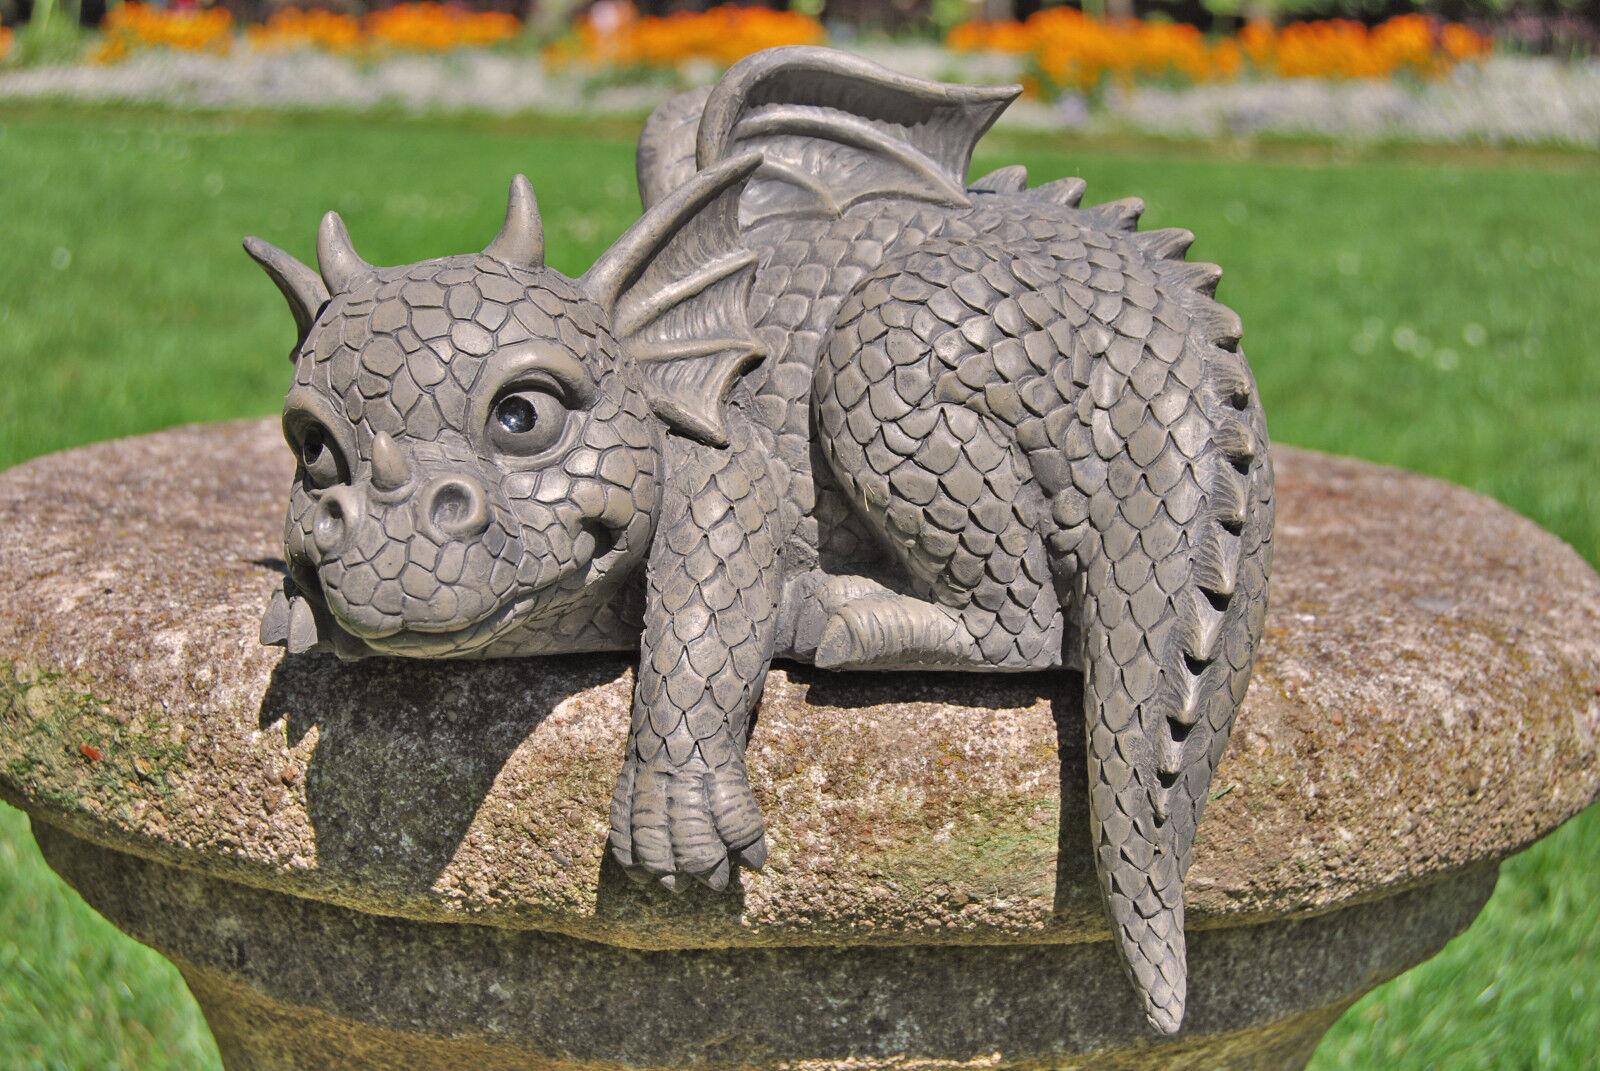 Drachen Figuren Garten Test Vergleich Drachen Figuren Garten